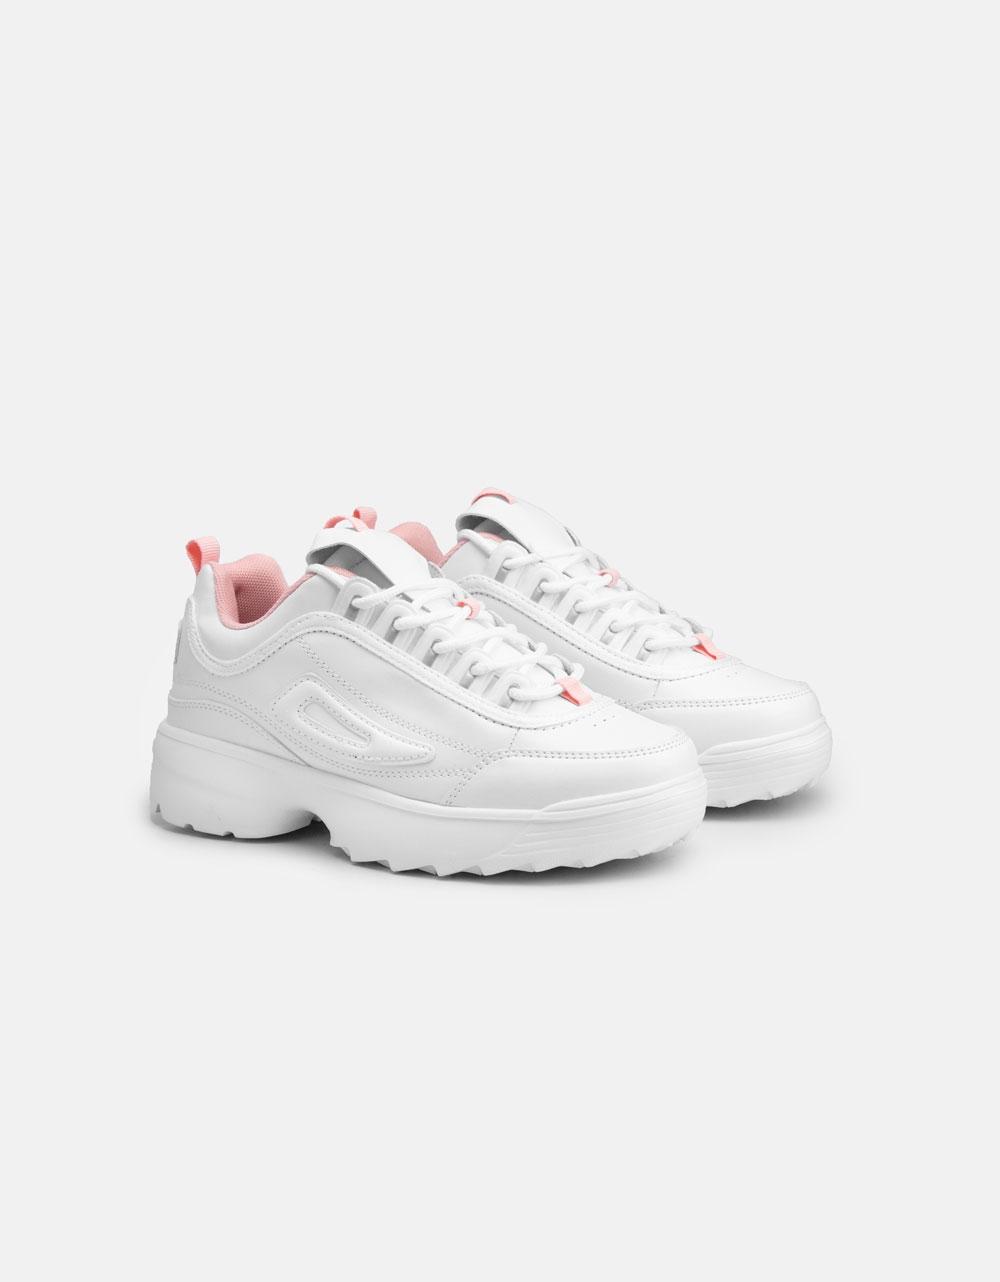 Εικόνα από Γυναικεία sneakers με chunky σόλα Λευκό/Ροζ